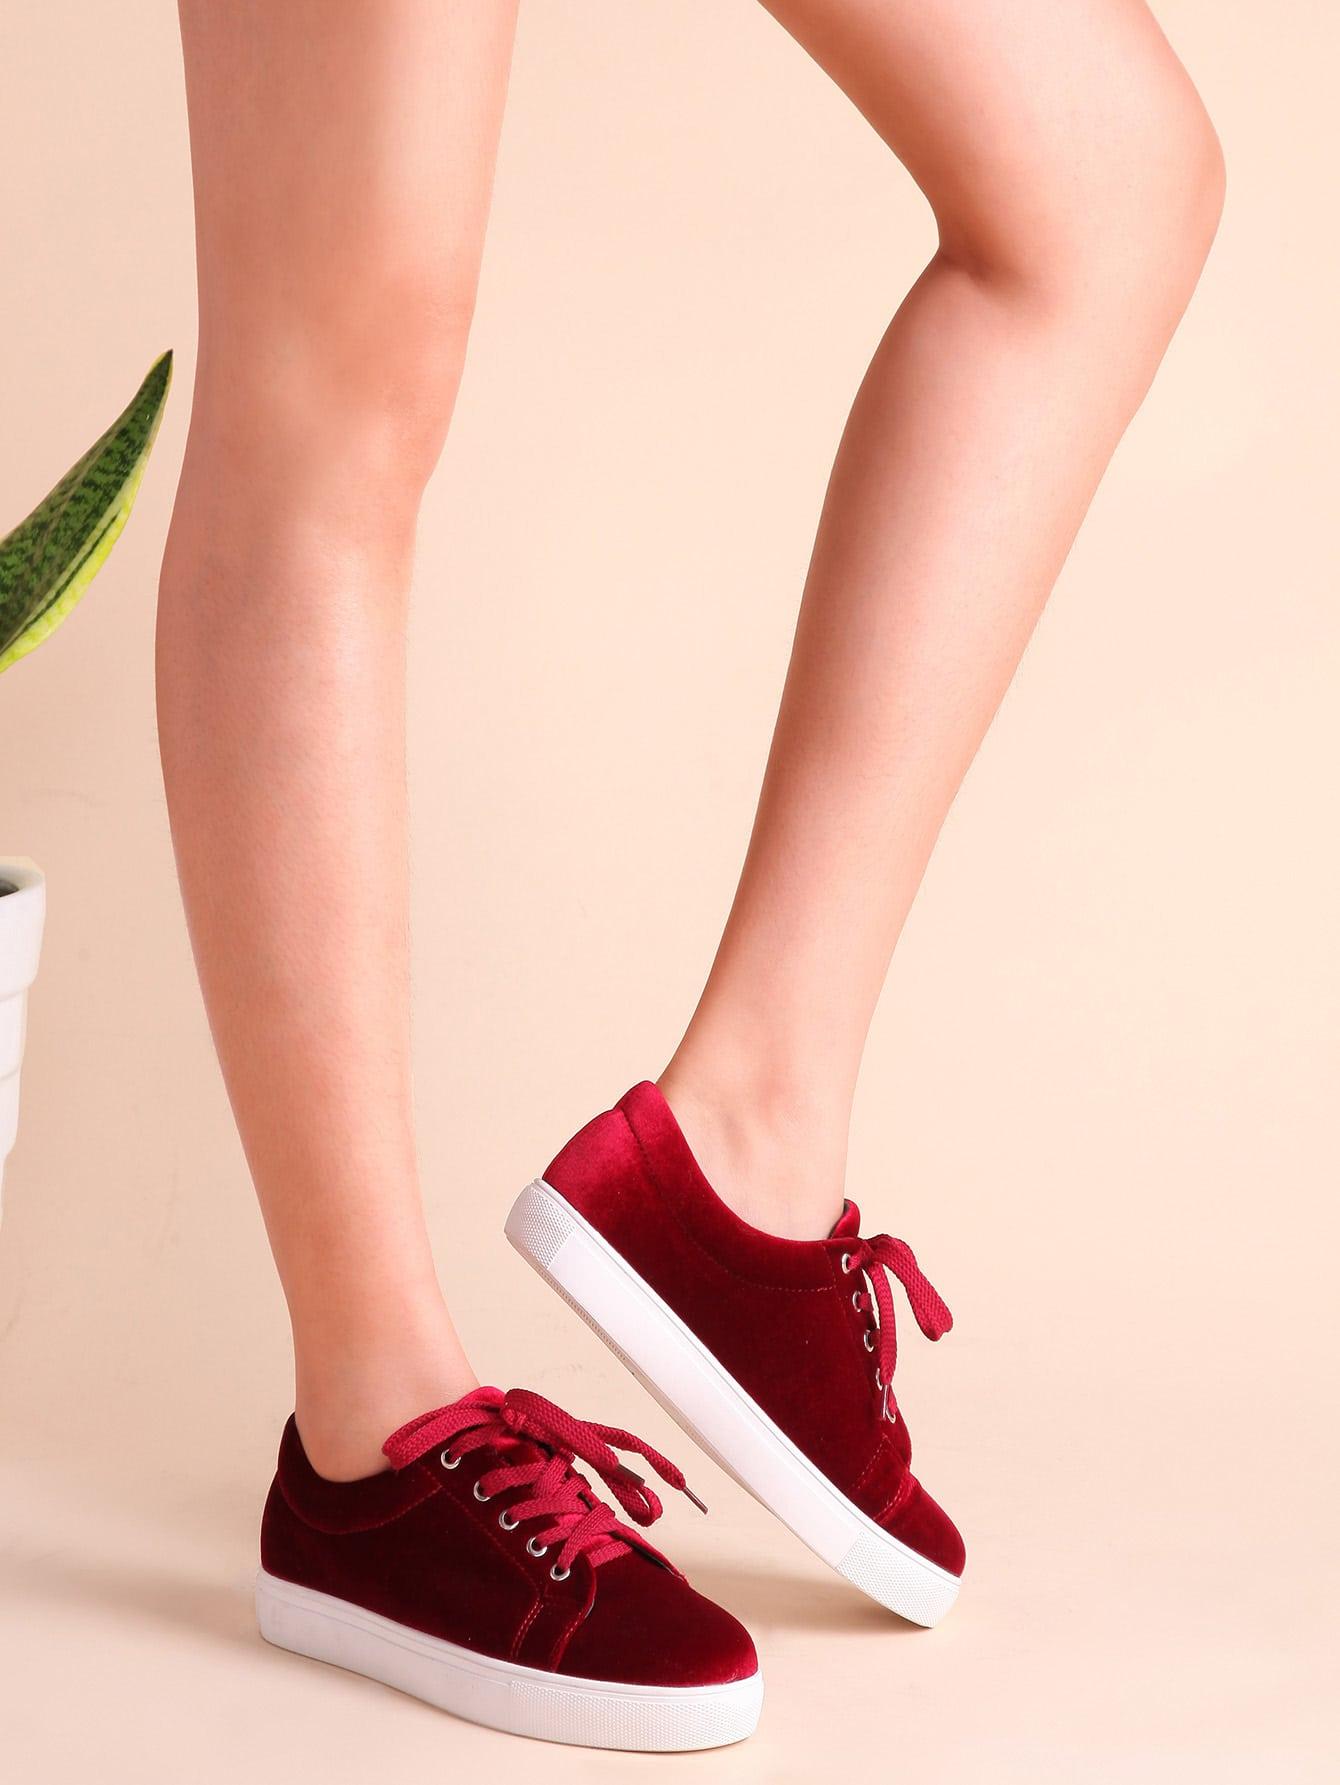 shoes161215803_2